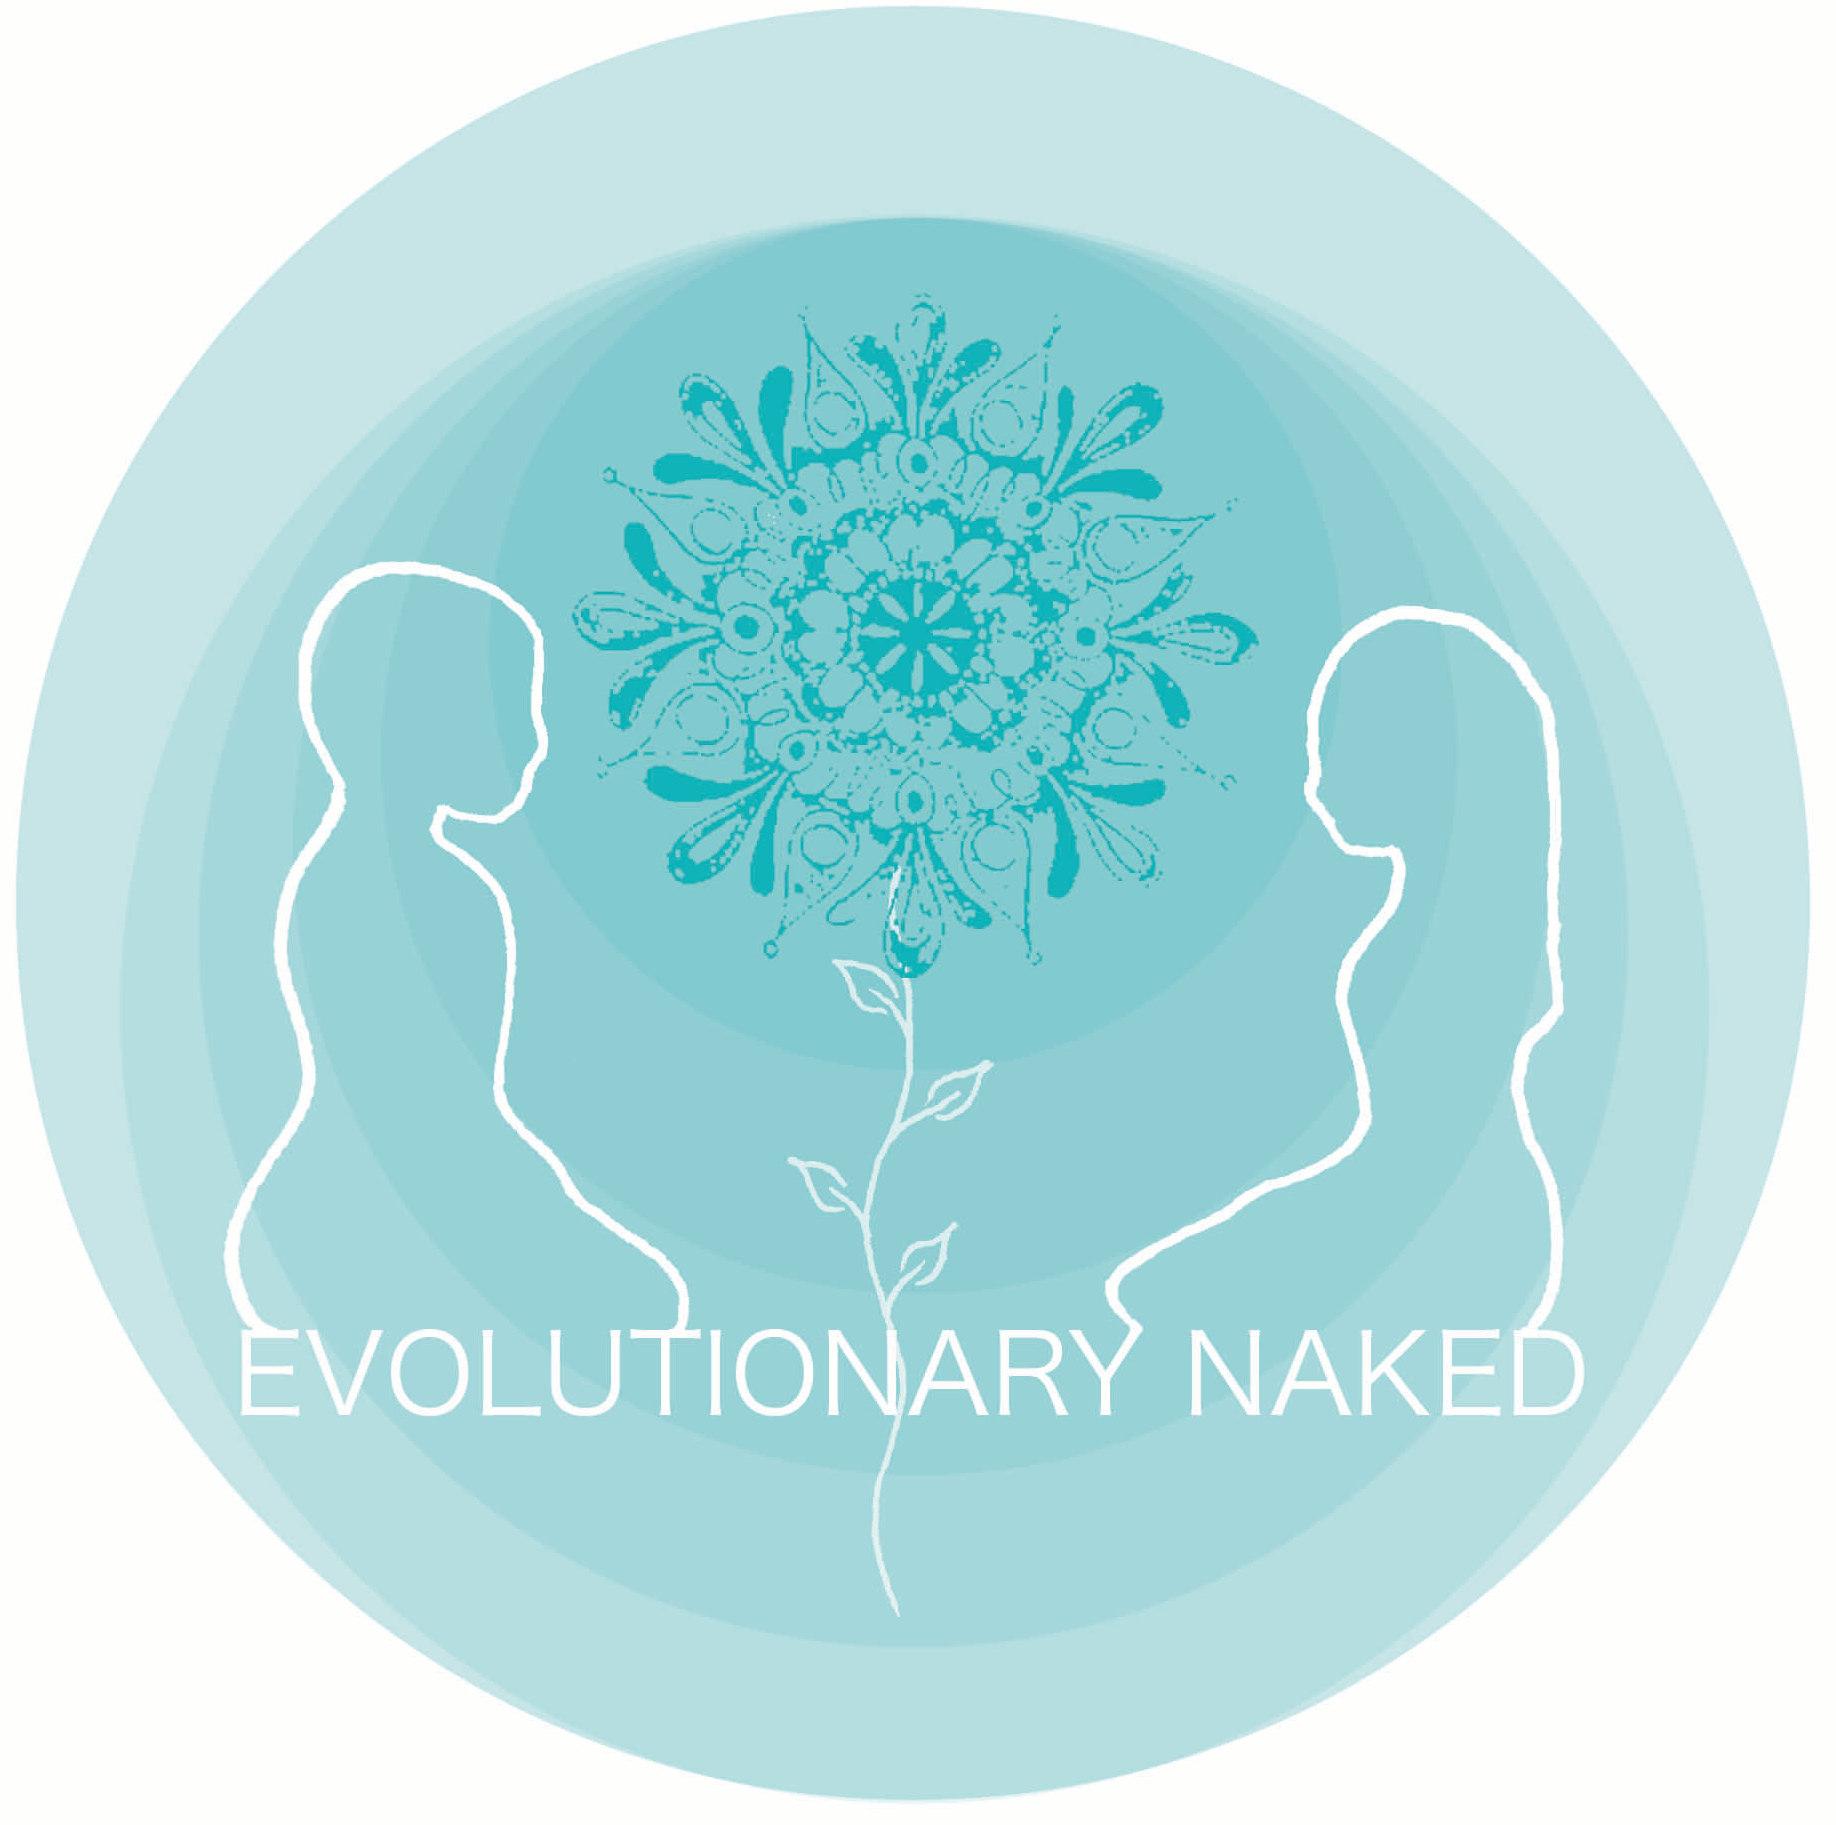 Evolutionary Naked